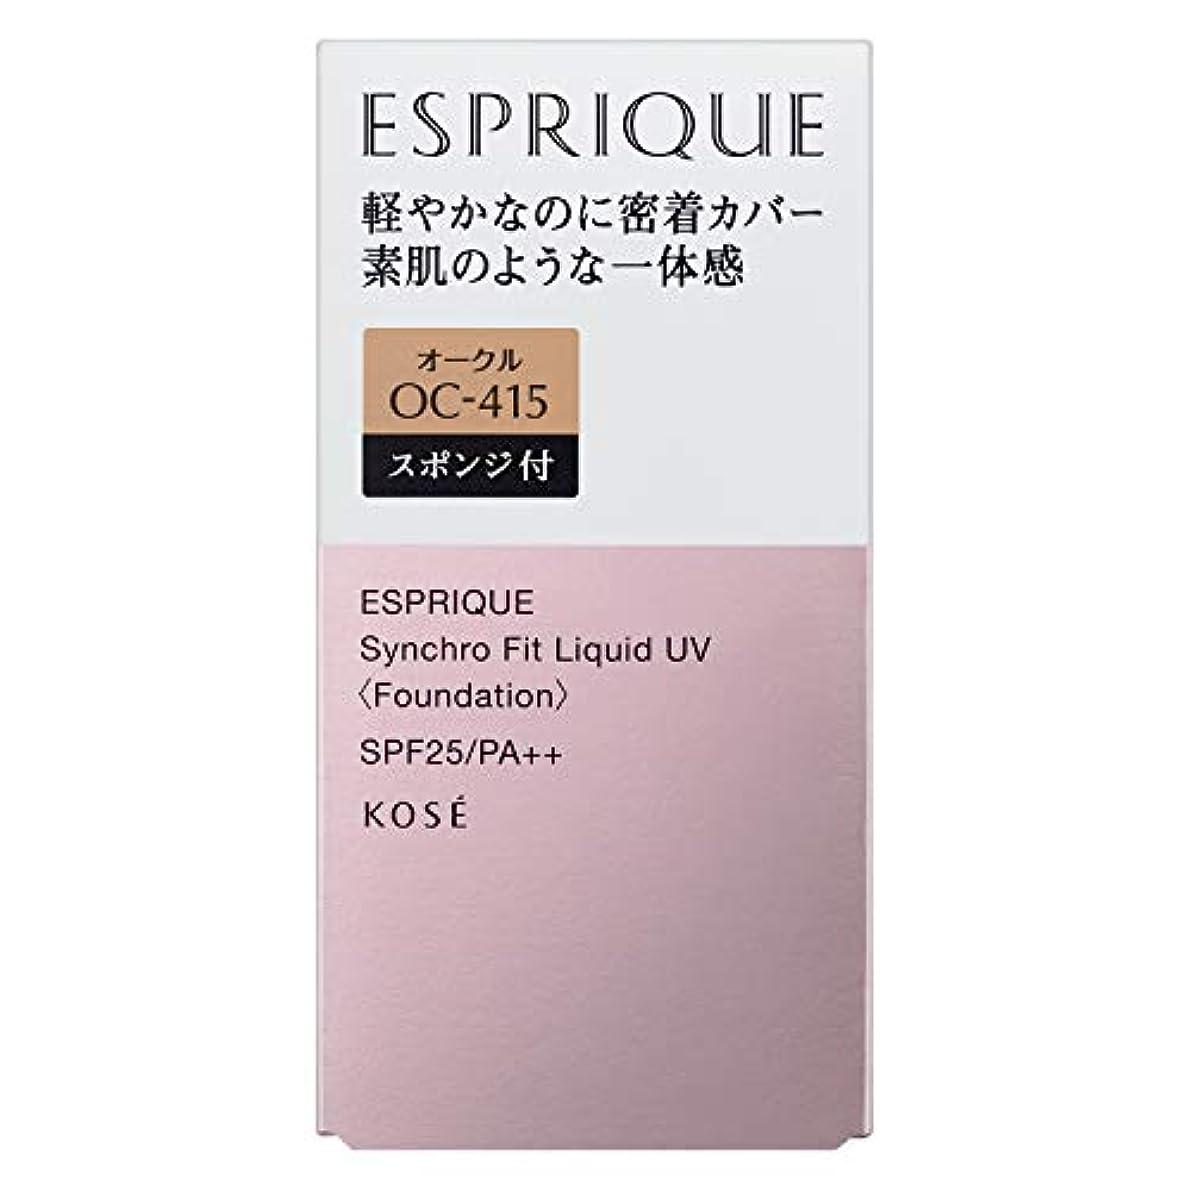 精査フルーティーより平らなESPRIQUE(エスプリーク) エスプリーク シンクロフィット リキッド UV ファンデーション 無香料 OC-415 オークル 30g